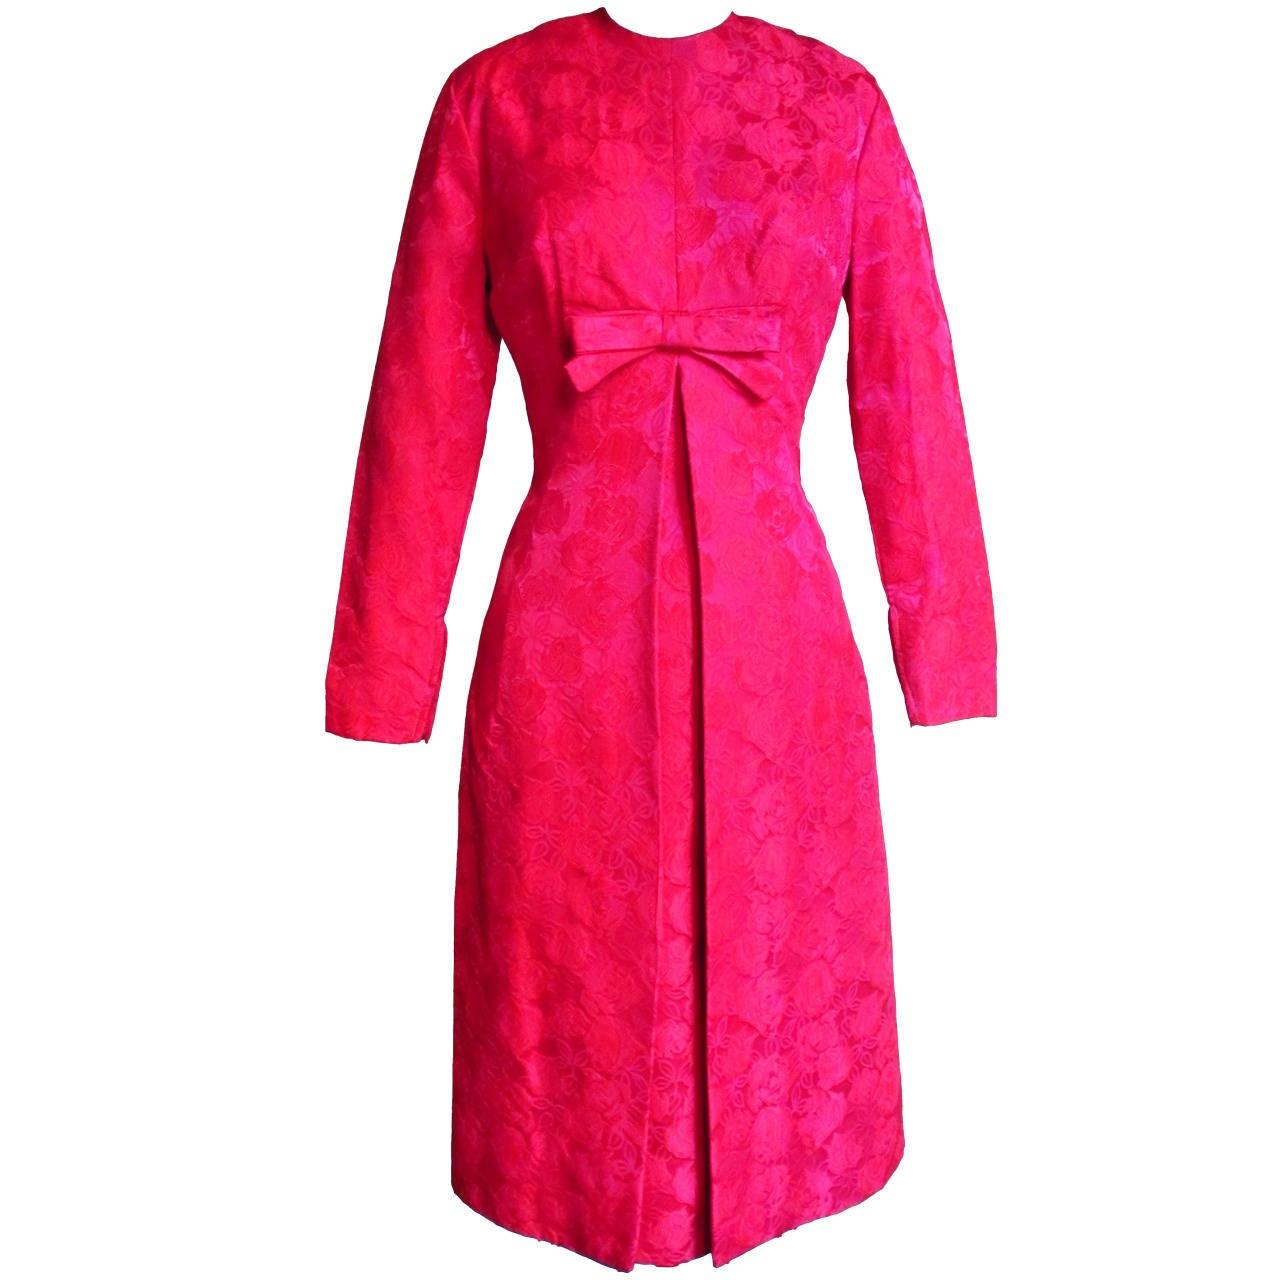 1950's Suzy Perette Damask Dress & Overdress